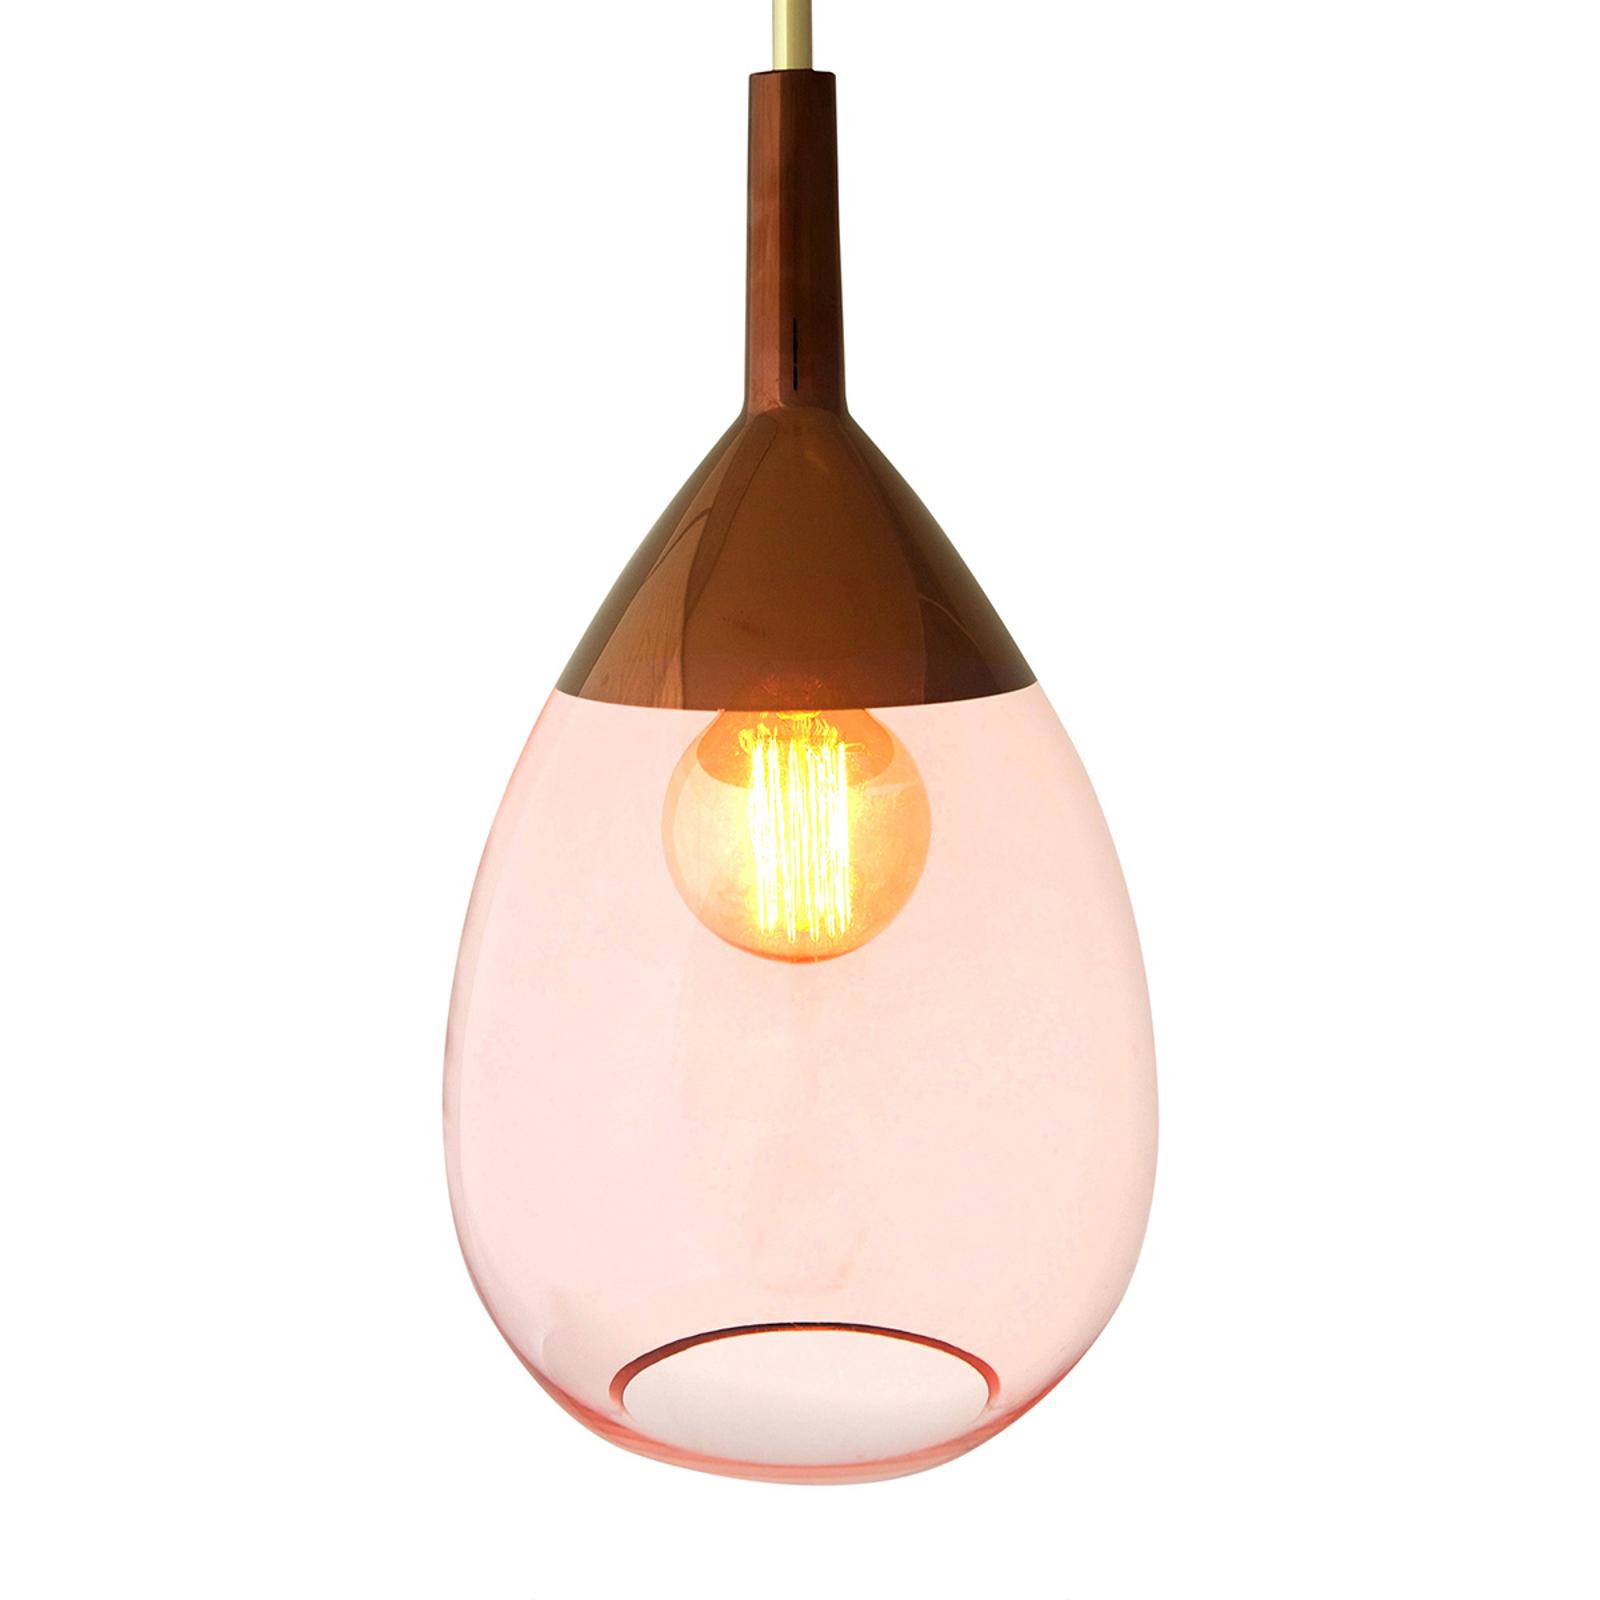 EBB & FLOW Lute szklana lampa wisząca róż i miedź